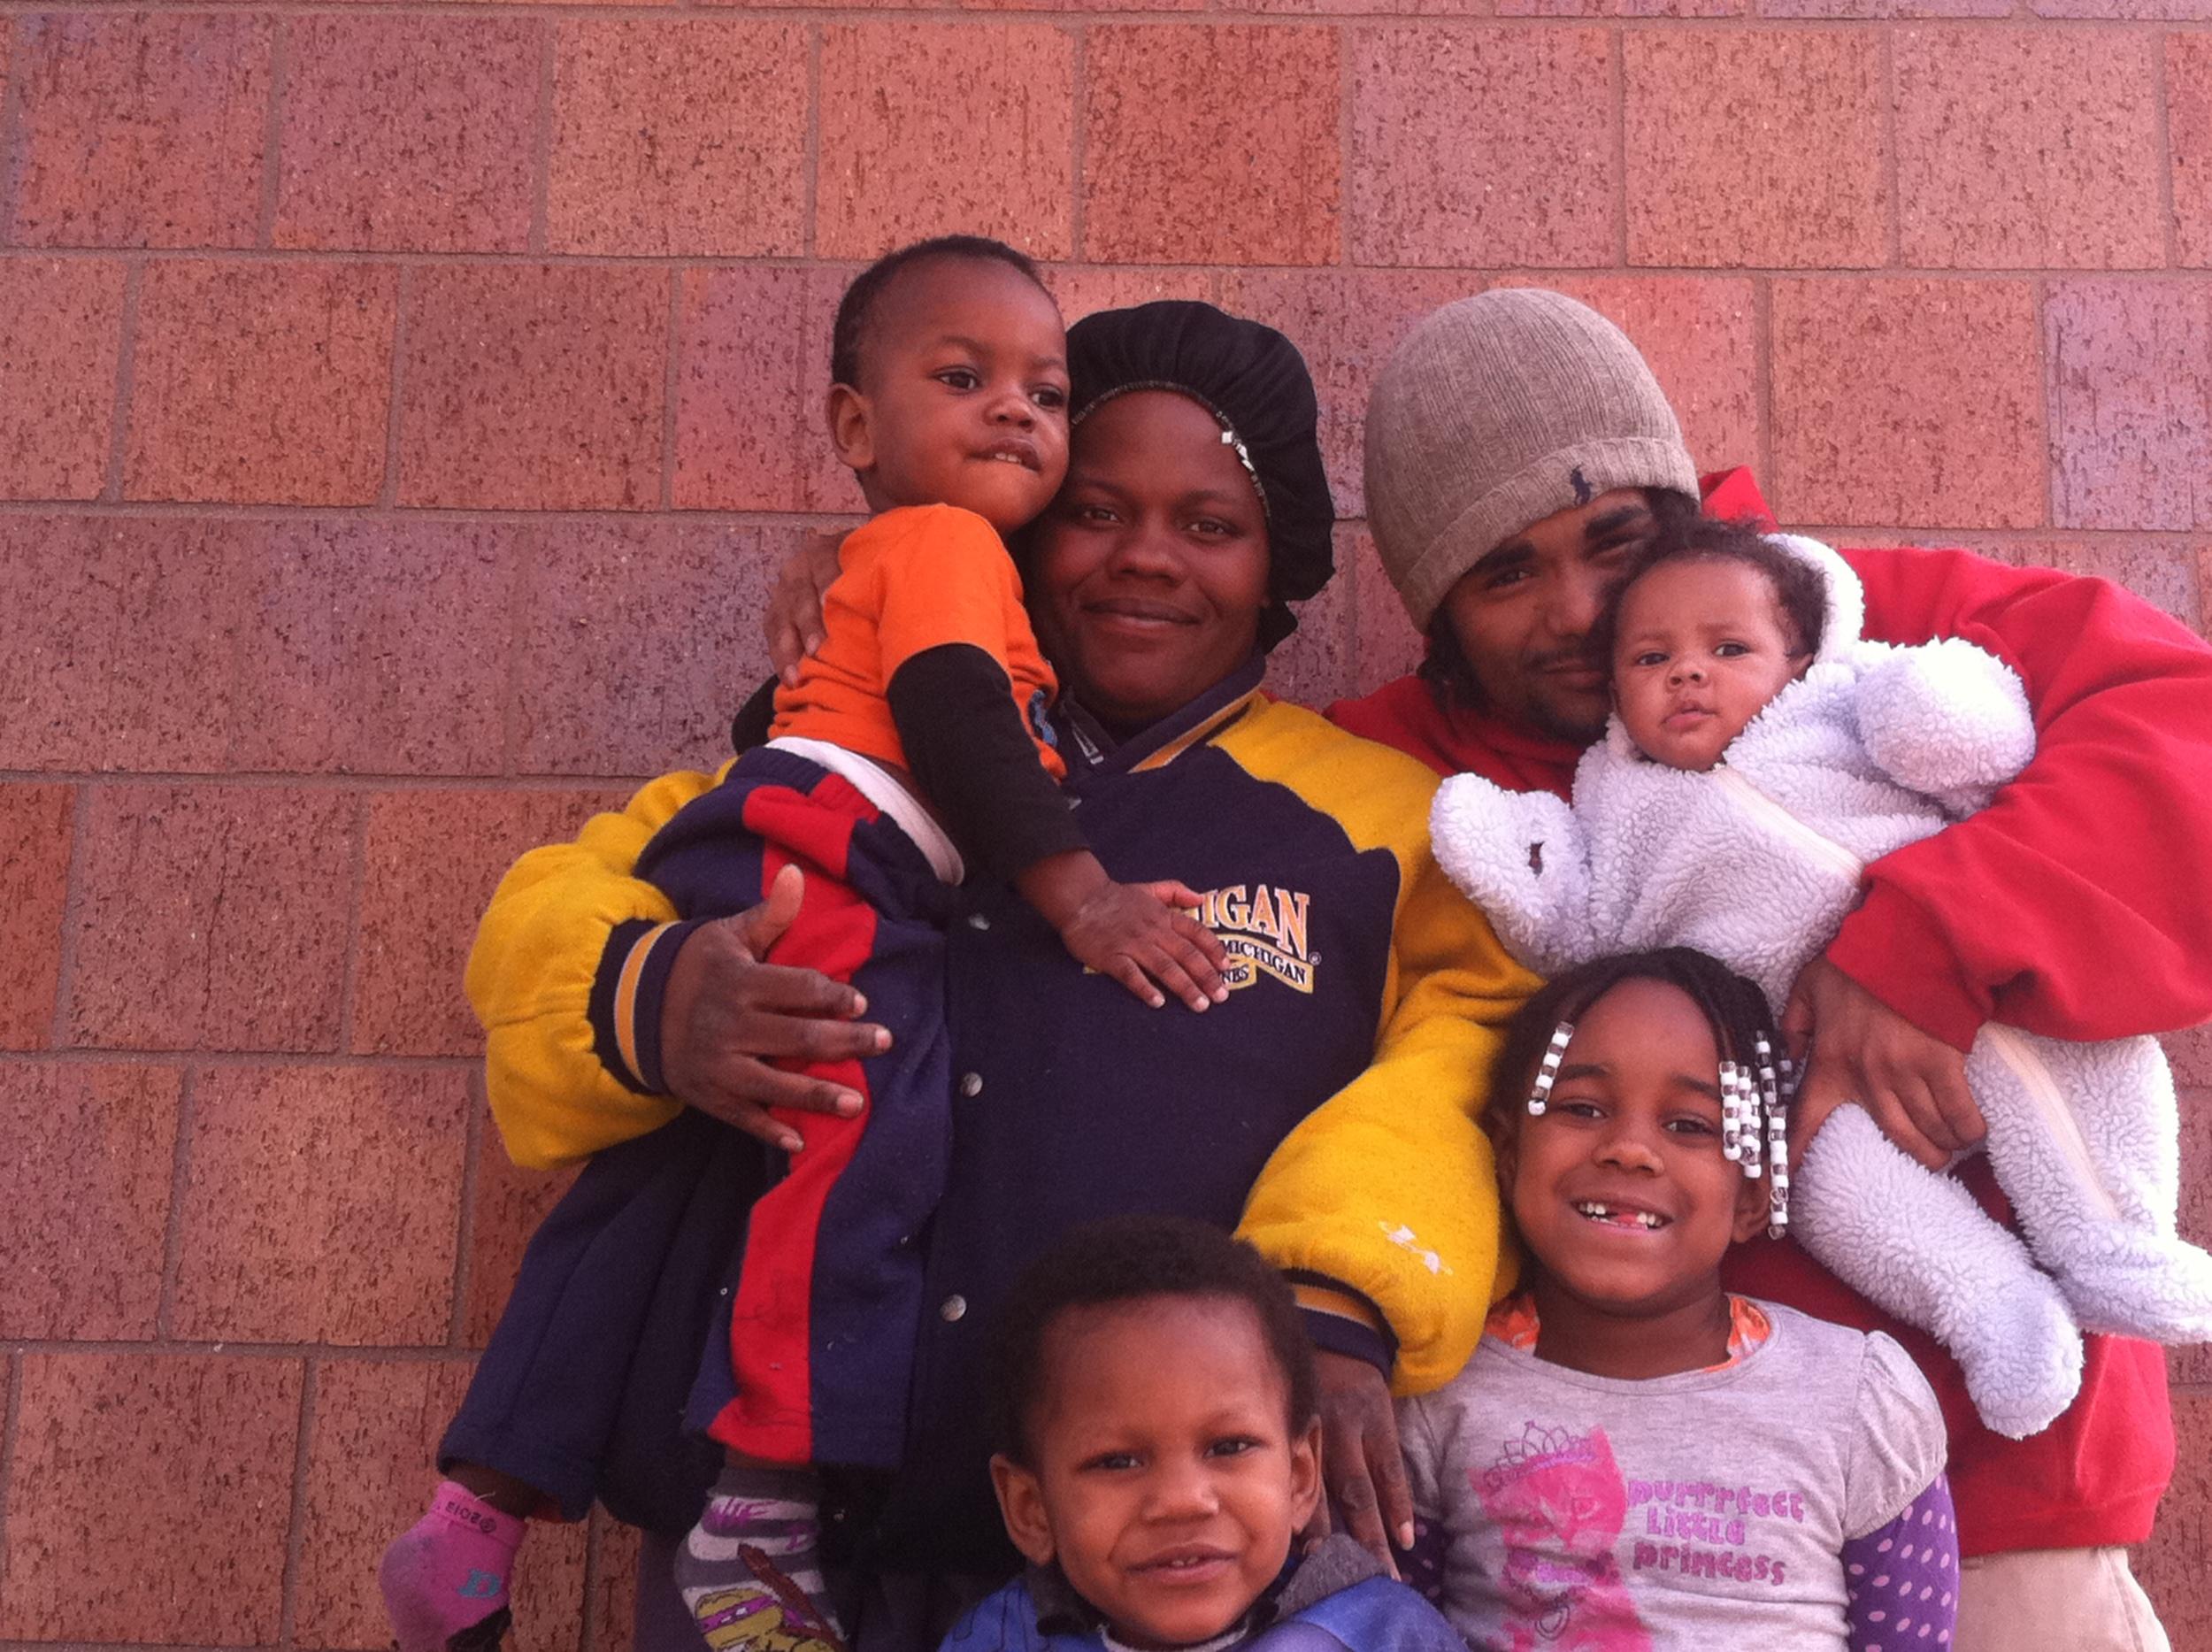 Darren, Cassandra, and their four children, left to right, Cameron, Camari, Carissa, and Junior.